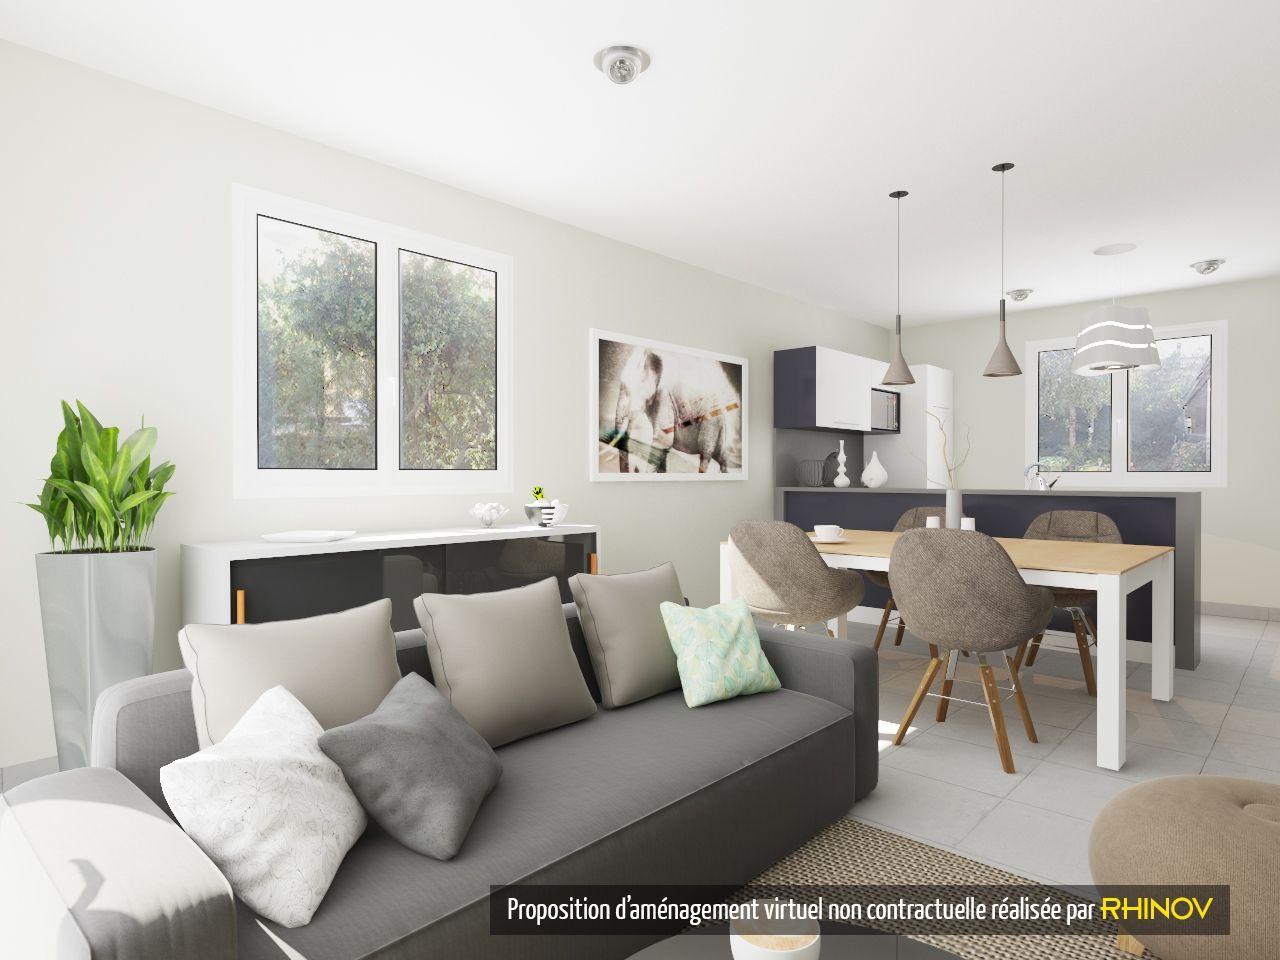 Visuel 3d Rhinov Salon Salle A Manger Chic Cosy Detente Decoration Interieure Idees Pour La Maison Decoration Maison